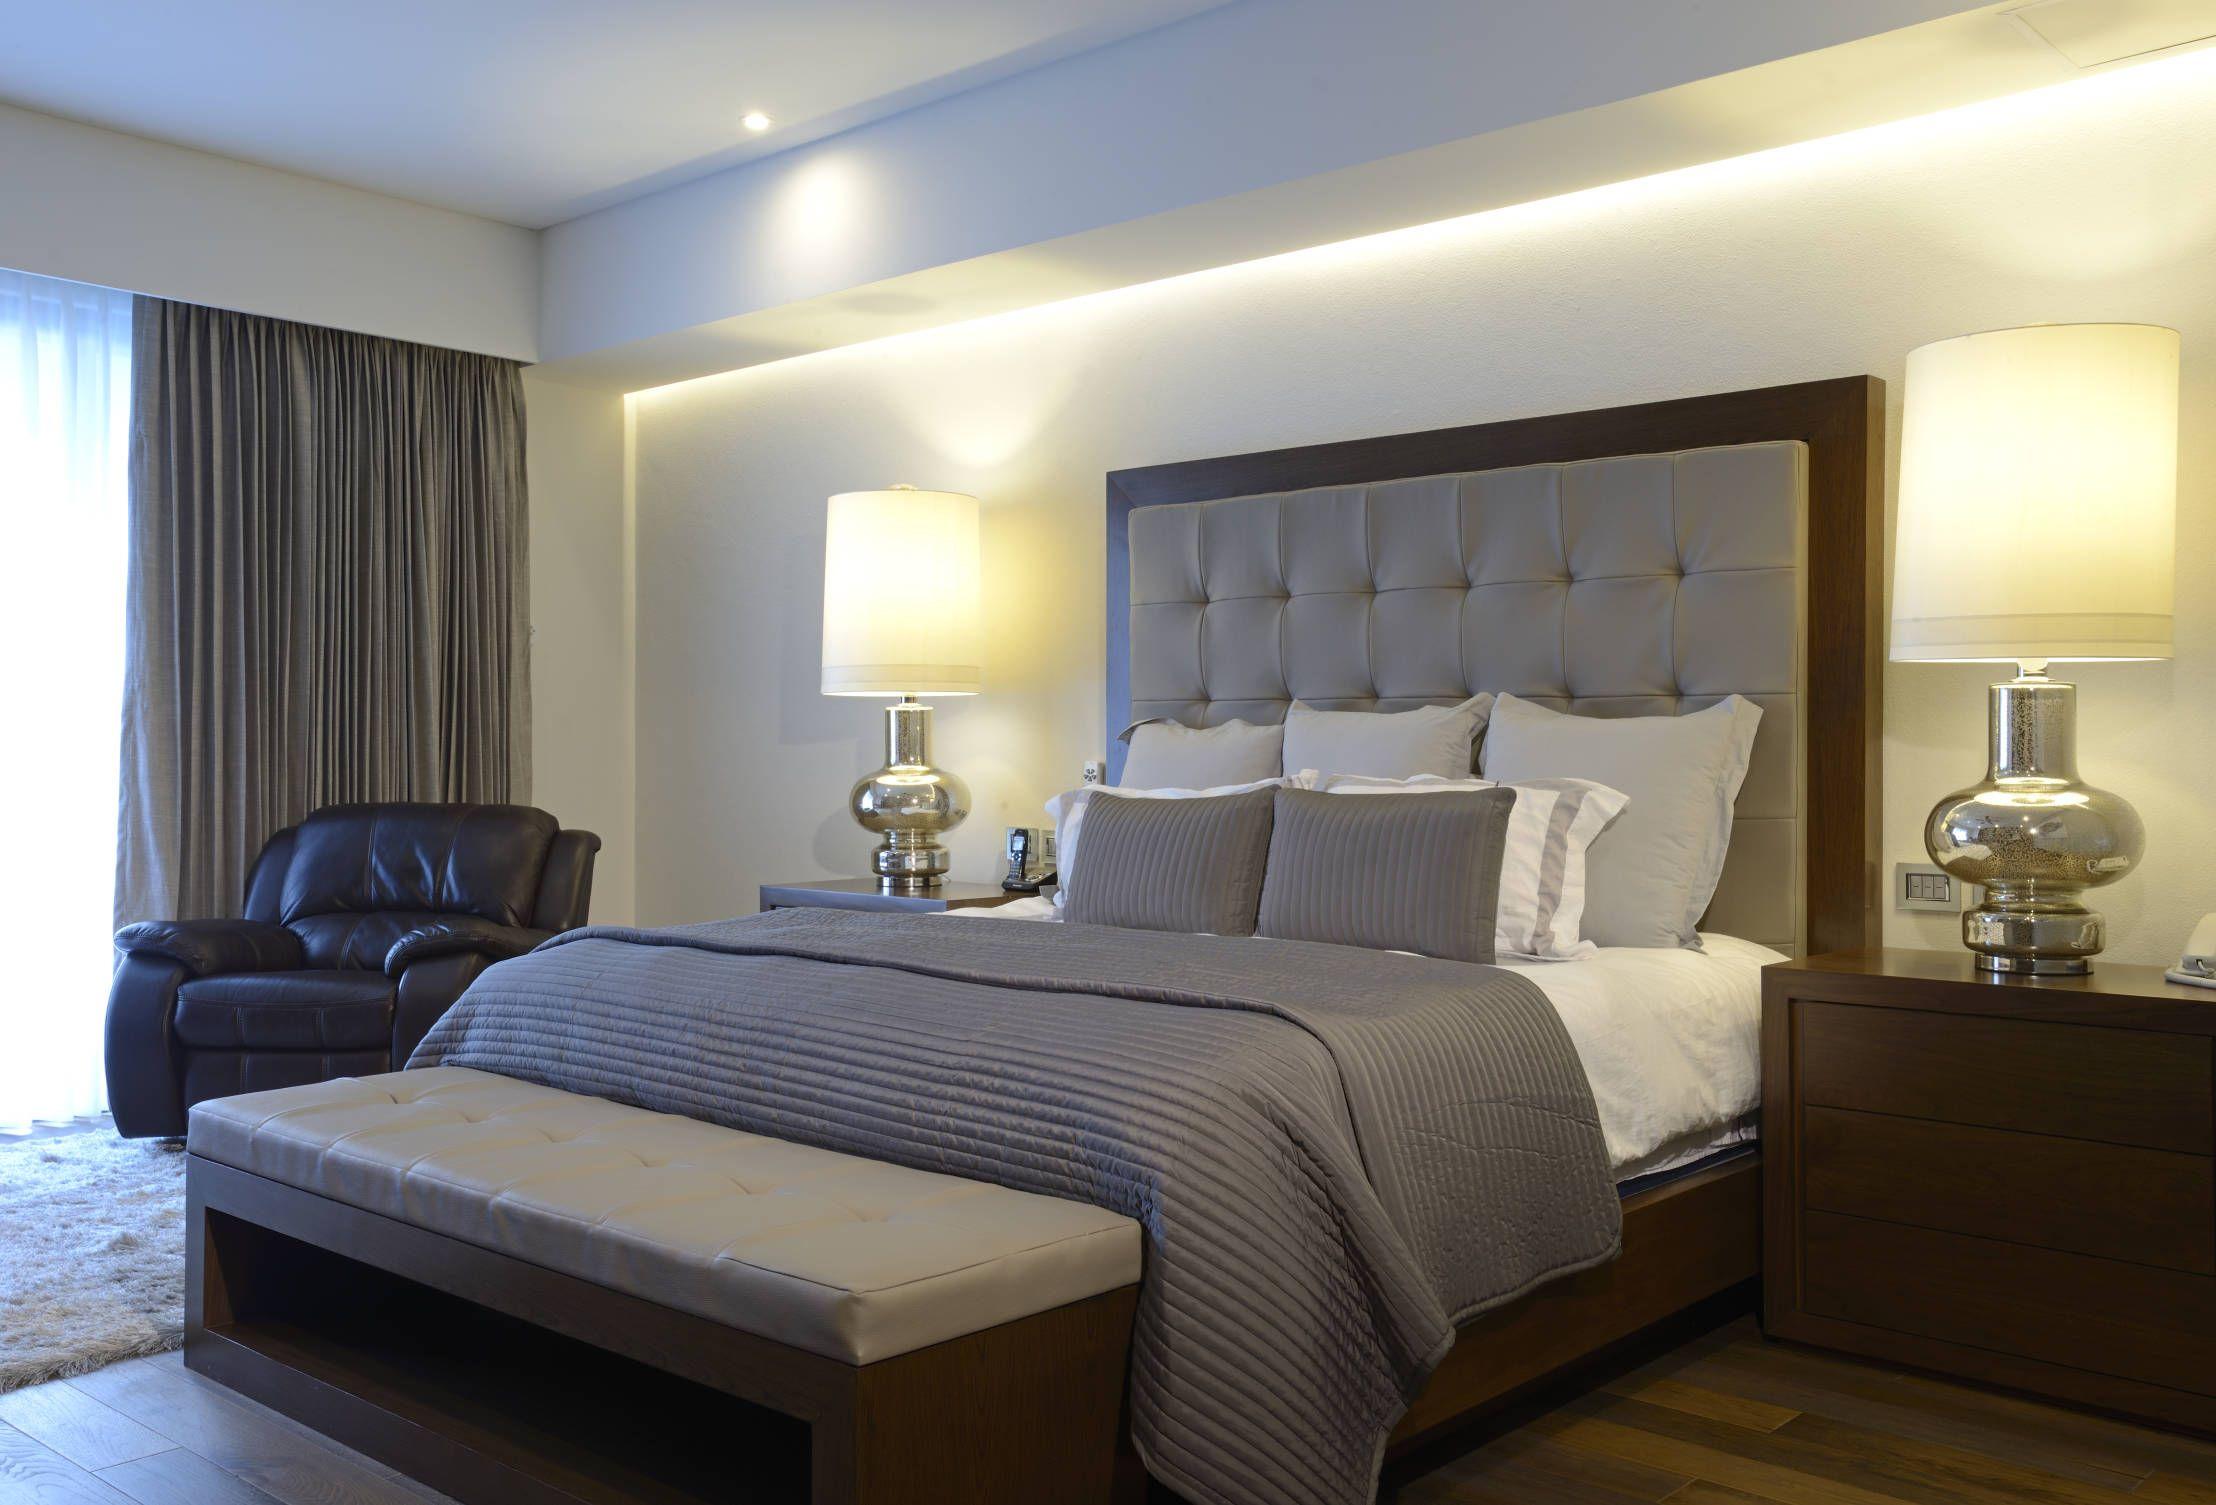 Una casa moderna con un interior realmente hermoso casa for Apartamentos decoraciones modernas